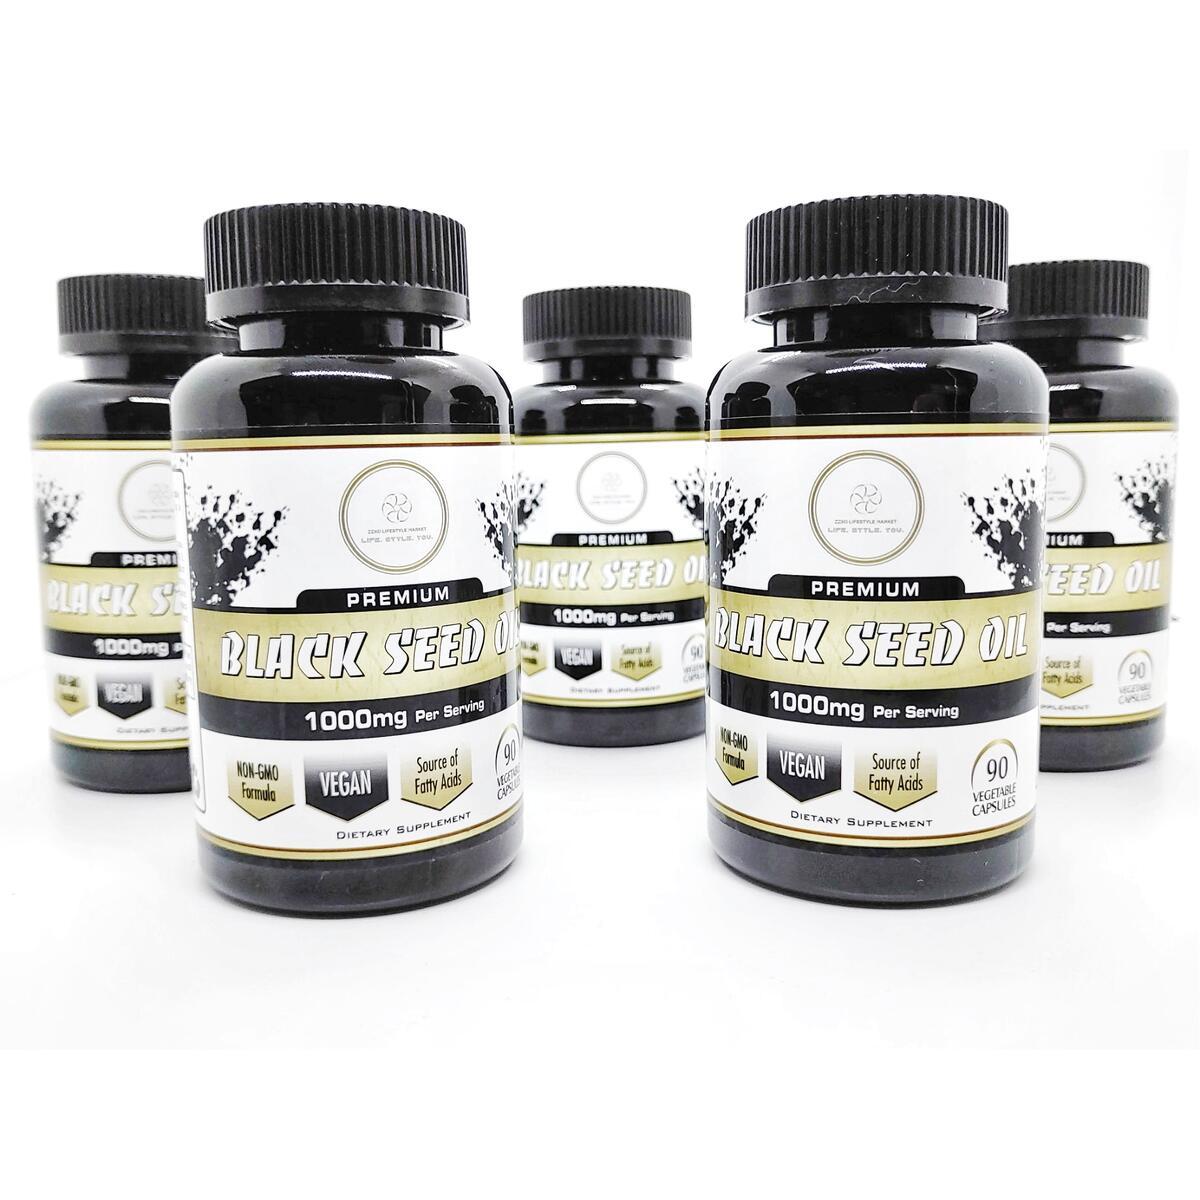 Premium Black Seed Oil - 1000mg